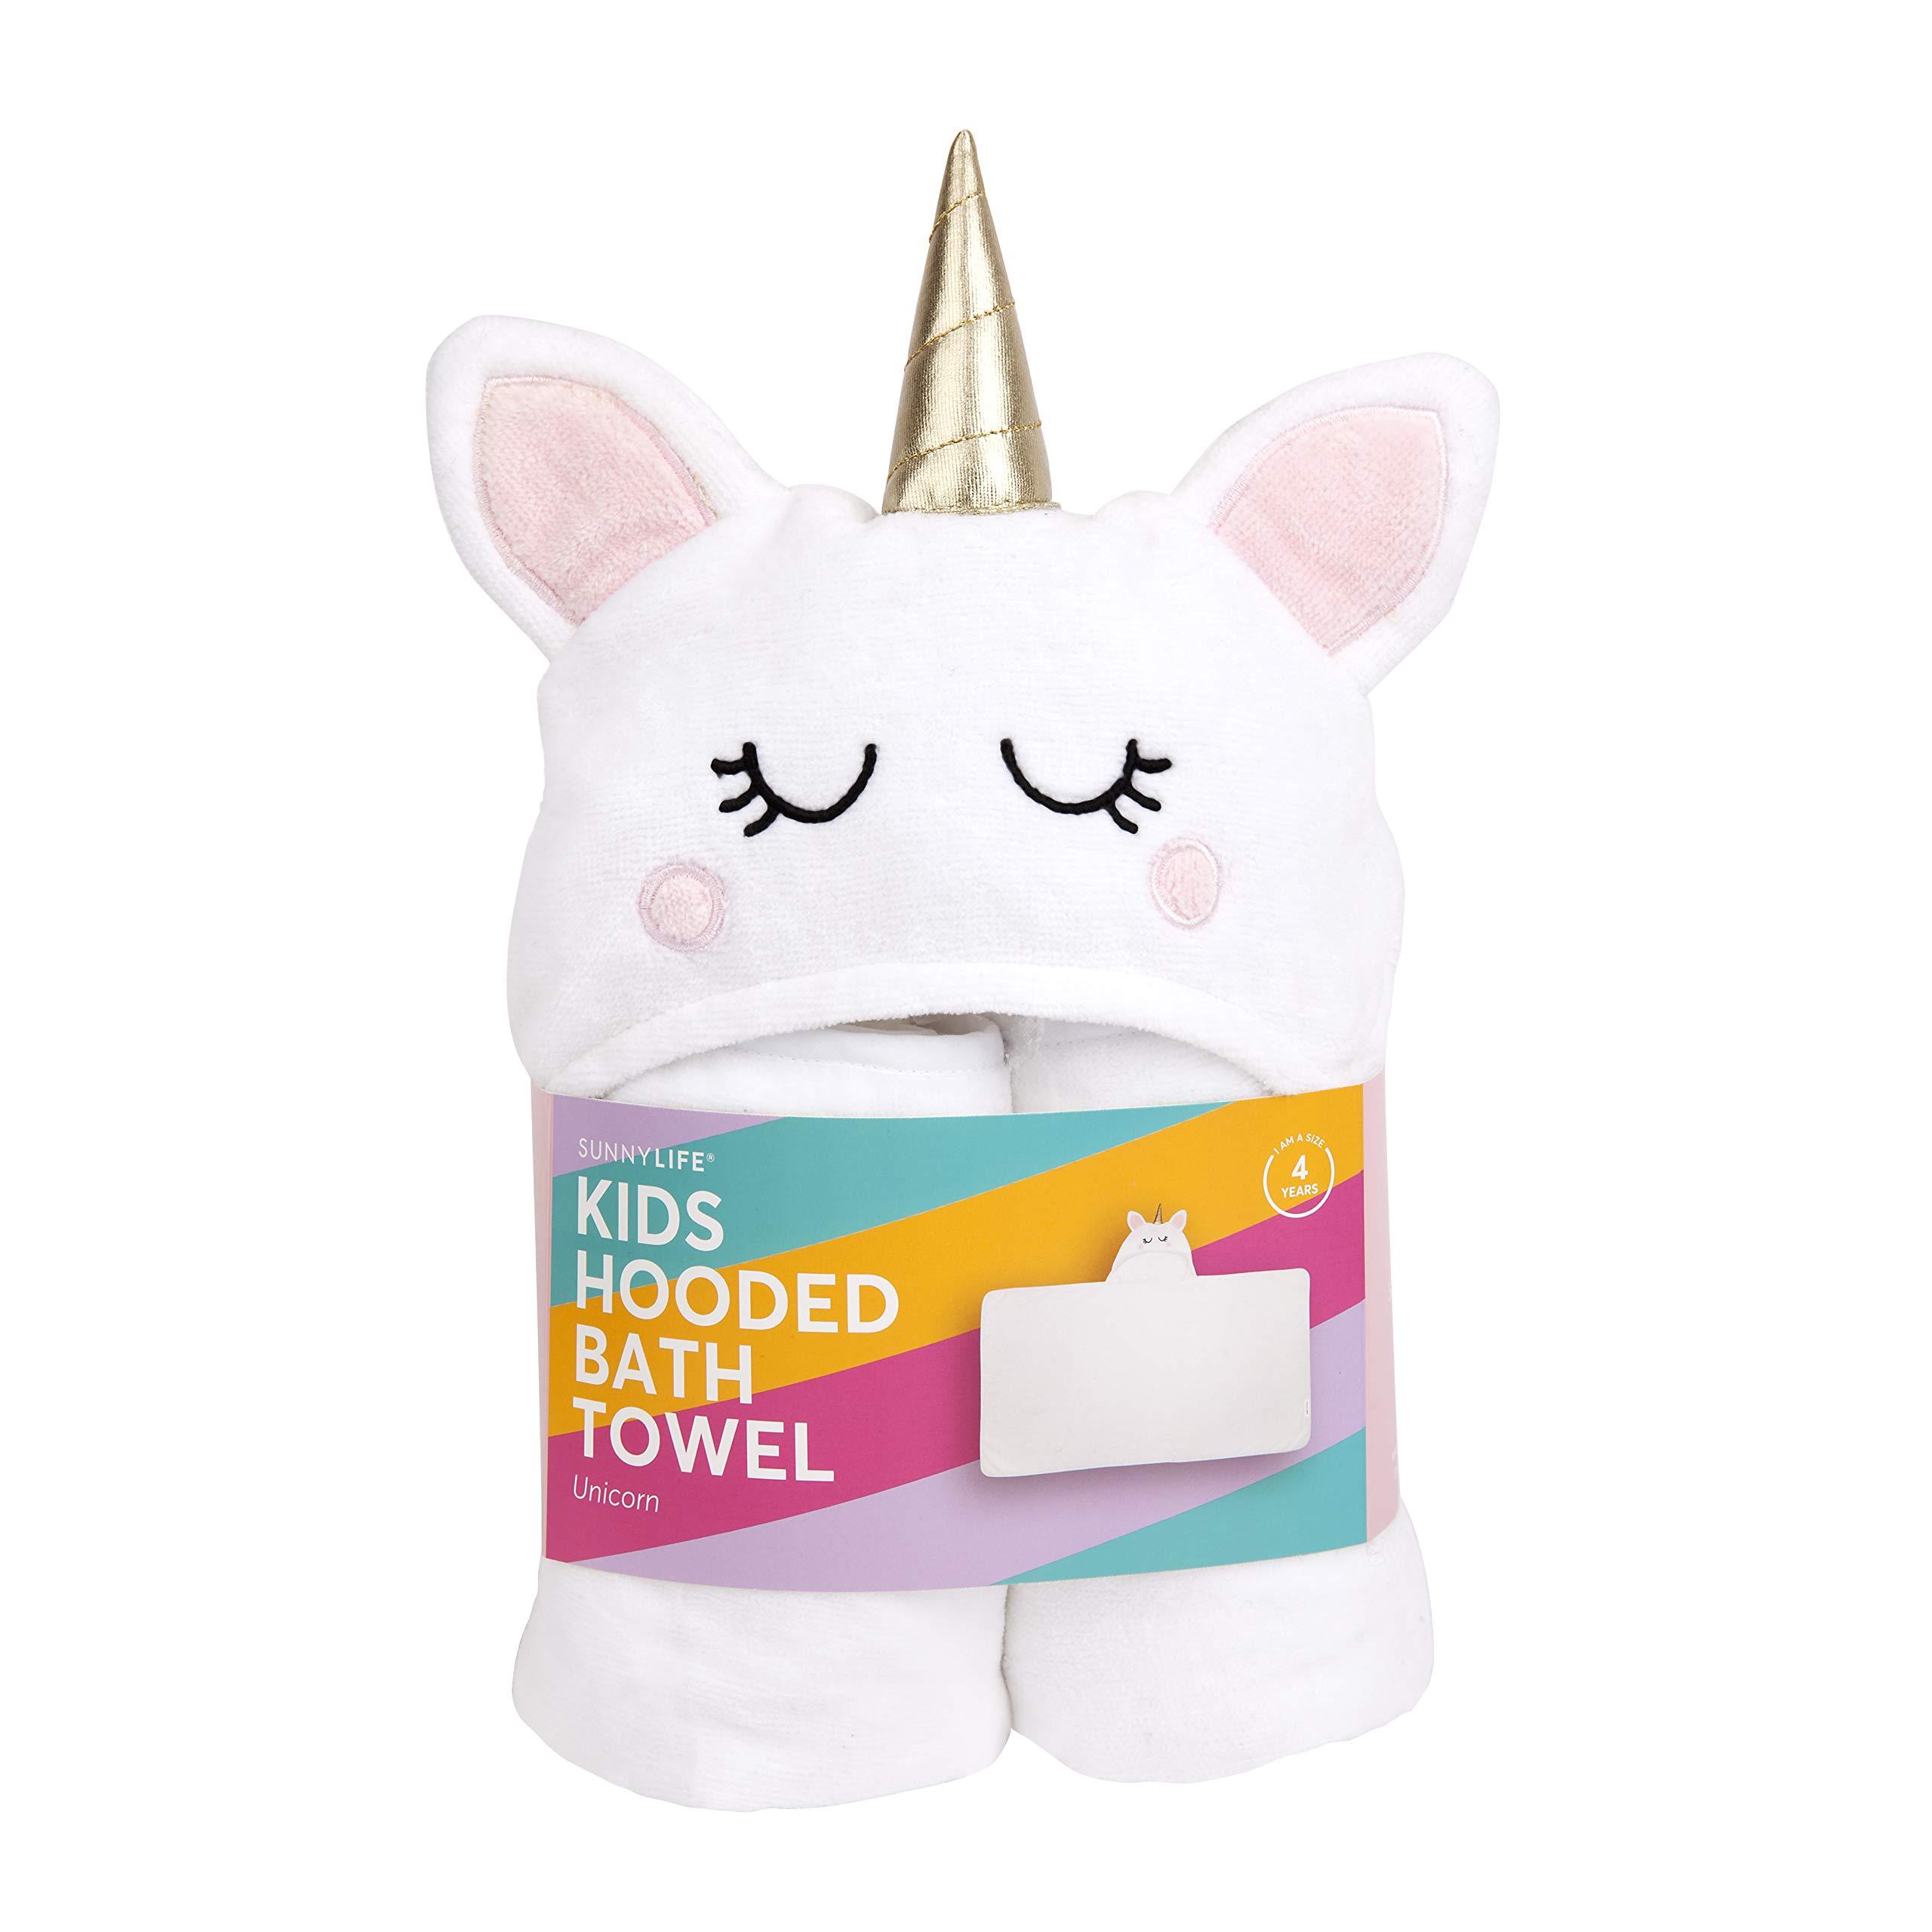 SunnyLIFE Kids Hooded Bath Towel Unicorn by SunnyLIFE